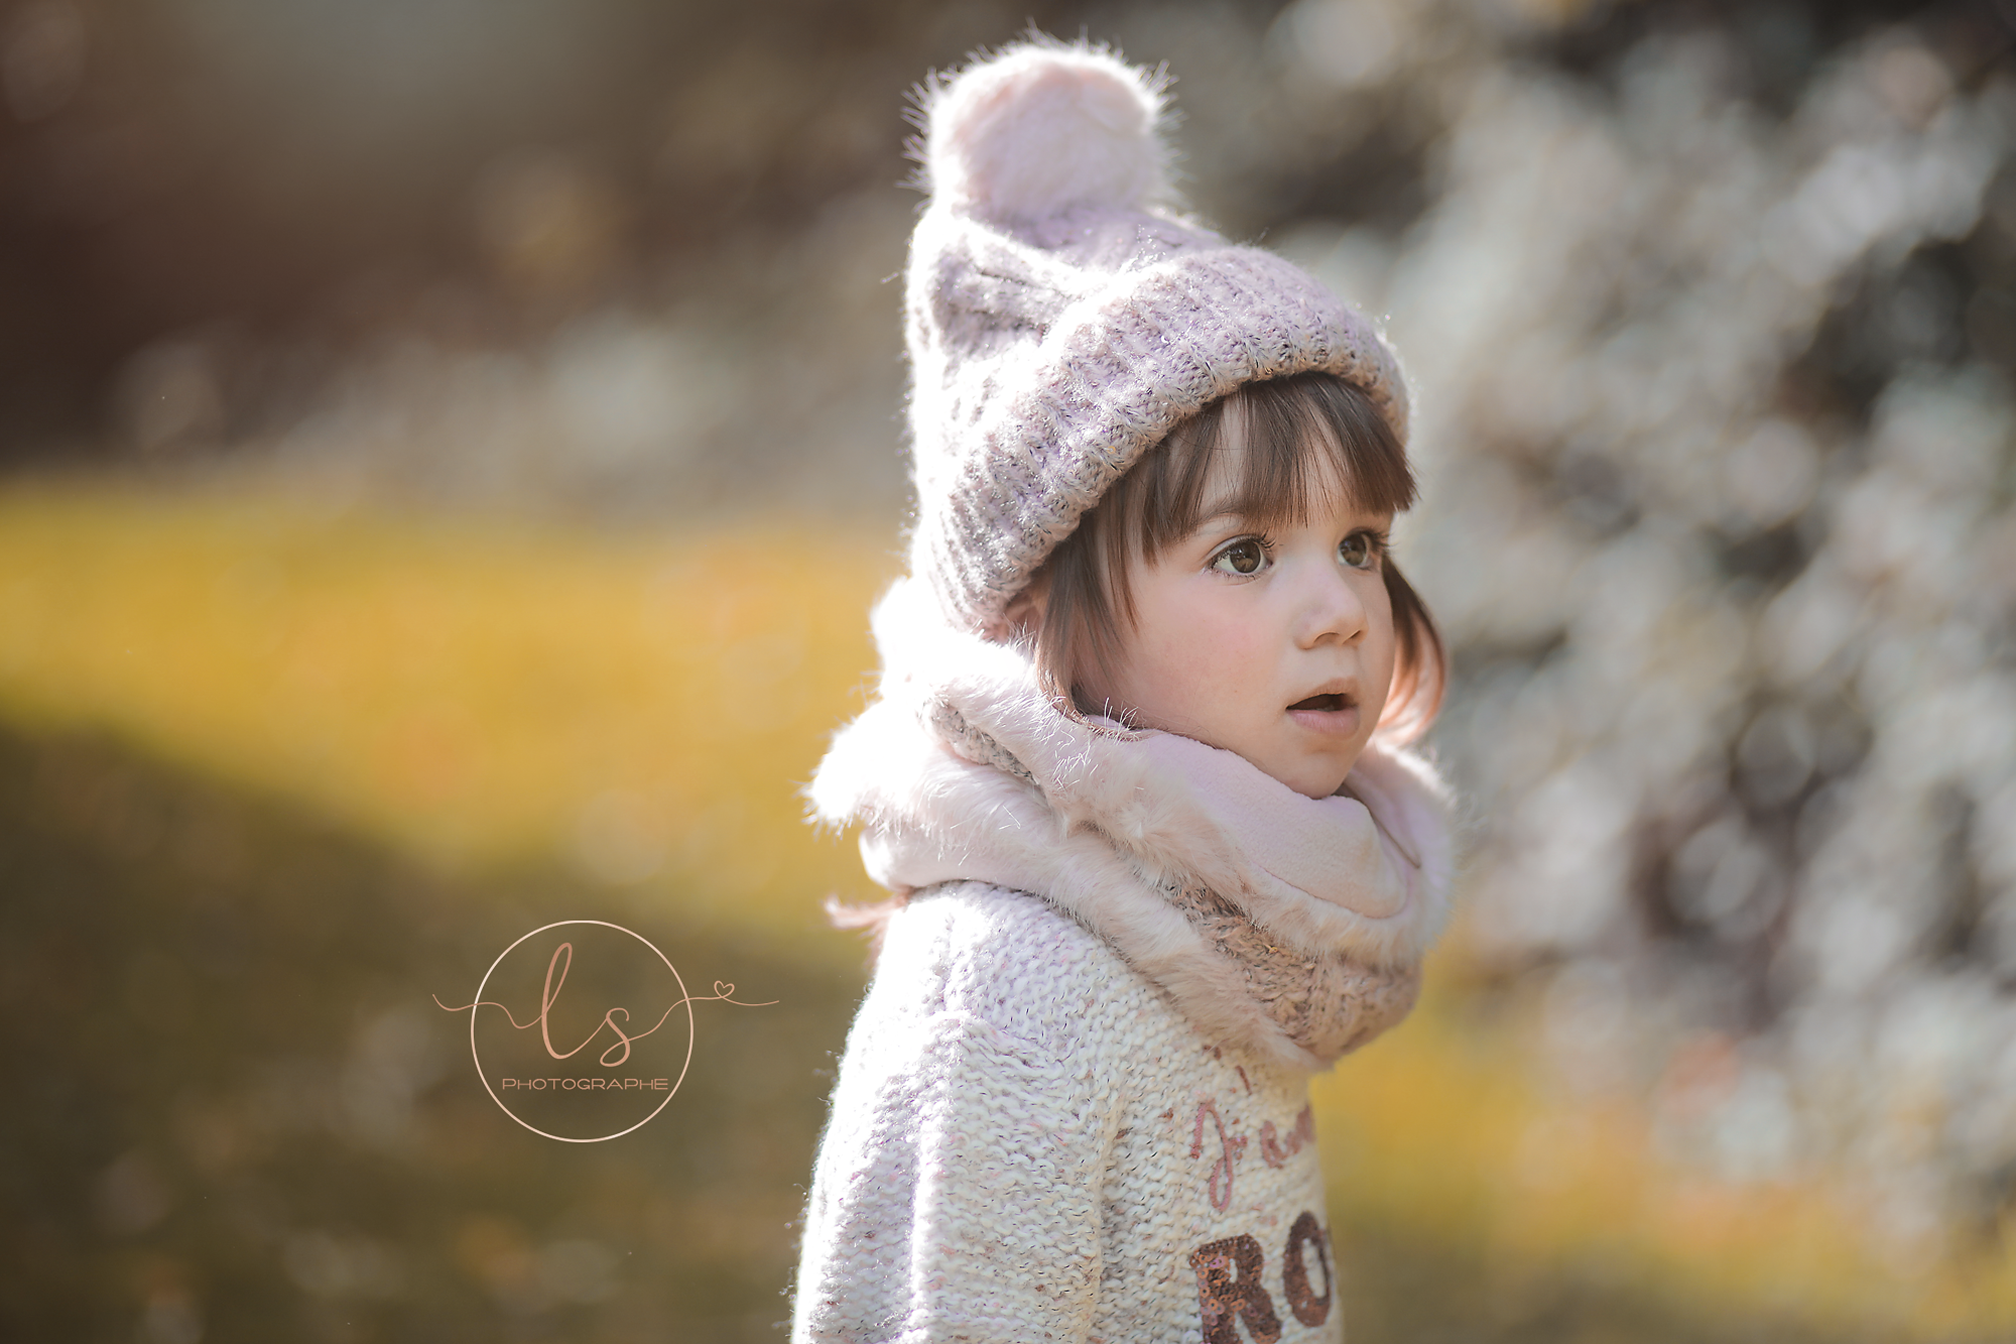 photographe enfant belgique